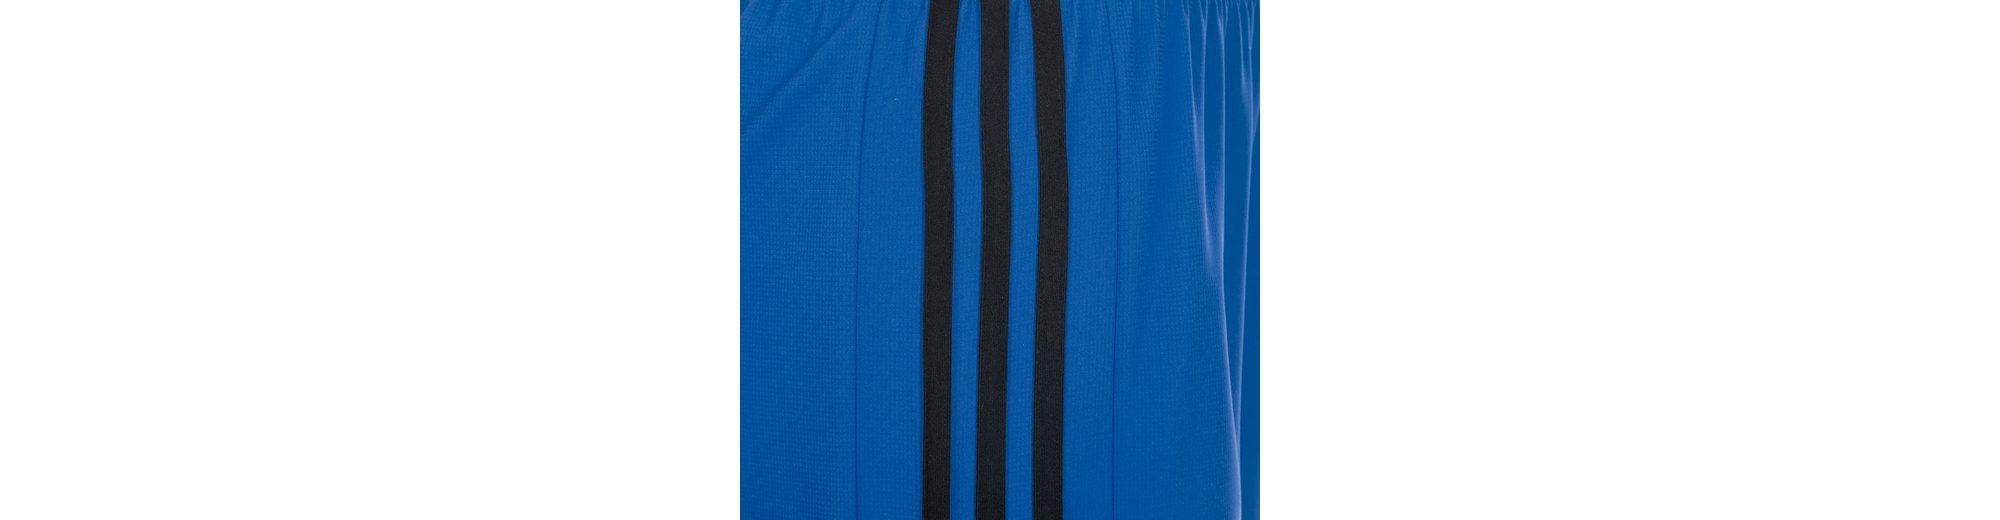 adidas Performance Condivo 16 Short Herren Verkauf Offizielle Seite u7YR9NGXLk